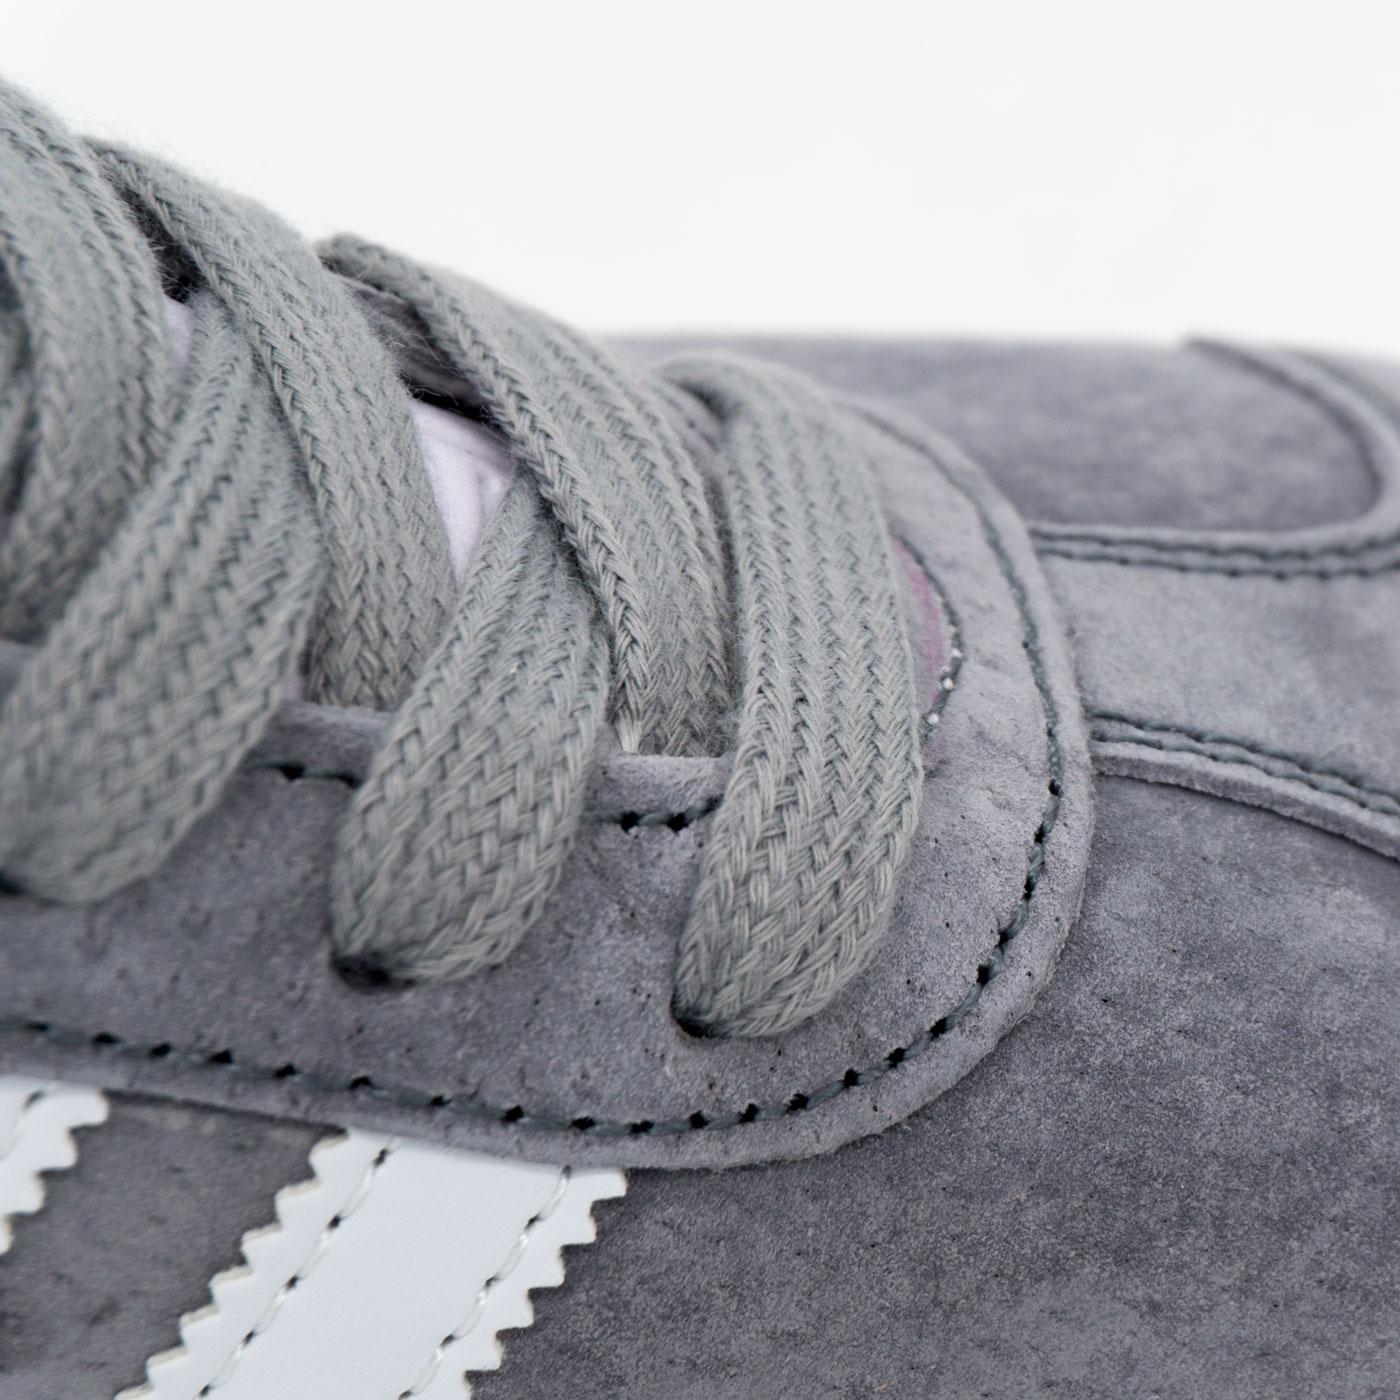 фото bottom Серые кроссовки Adidas Gazelle натуральная замша, Vietnam - Топ качество! bottom